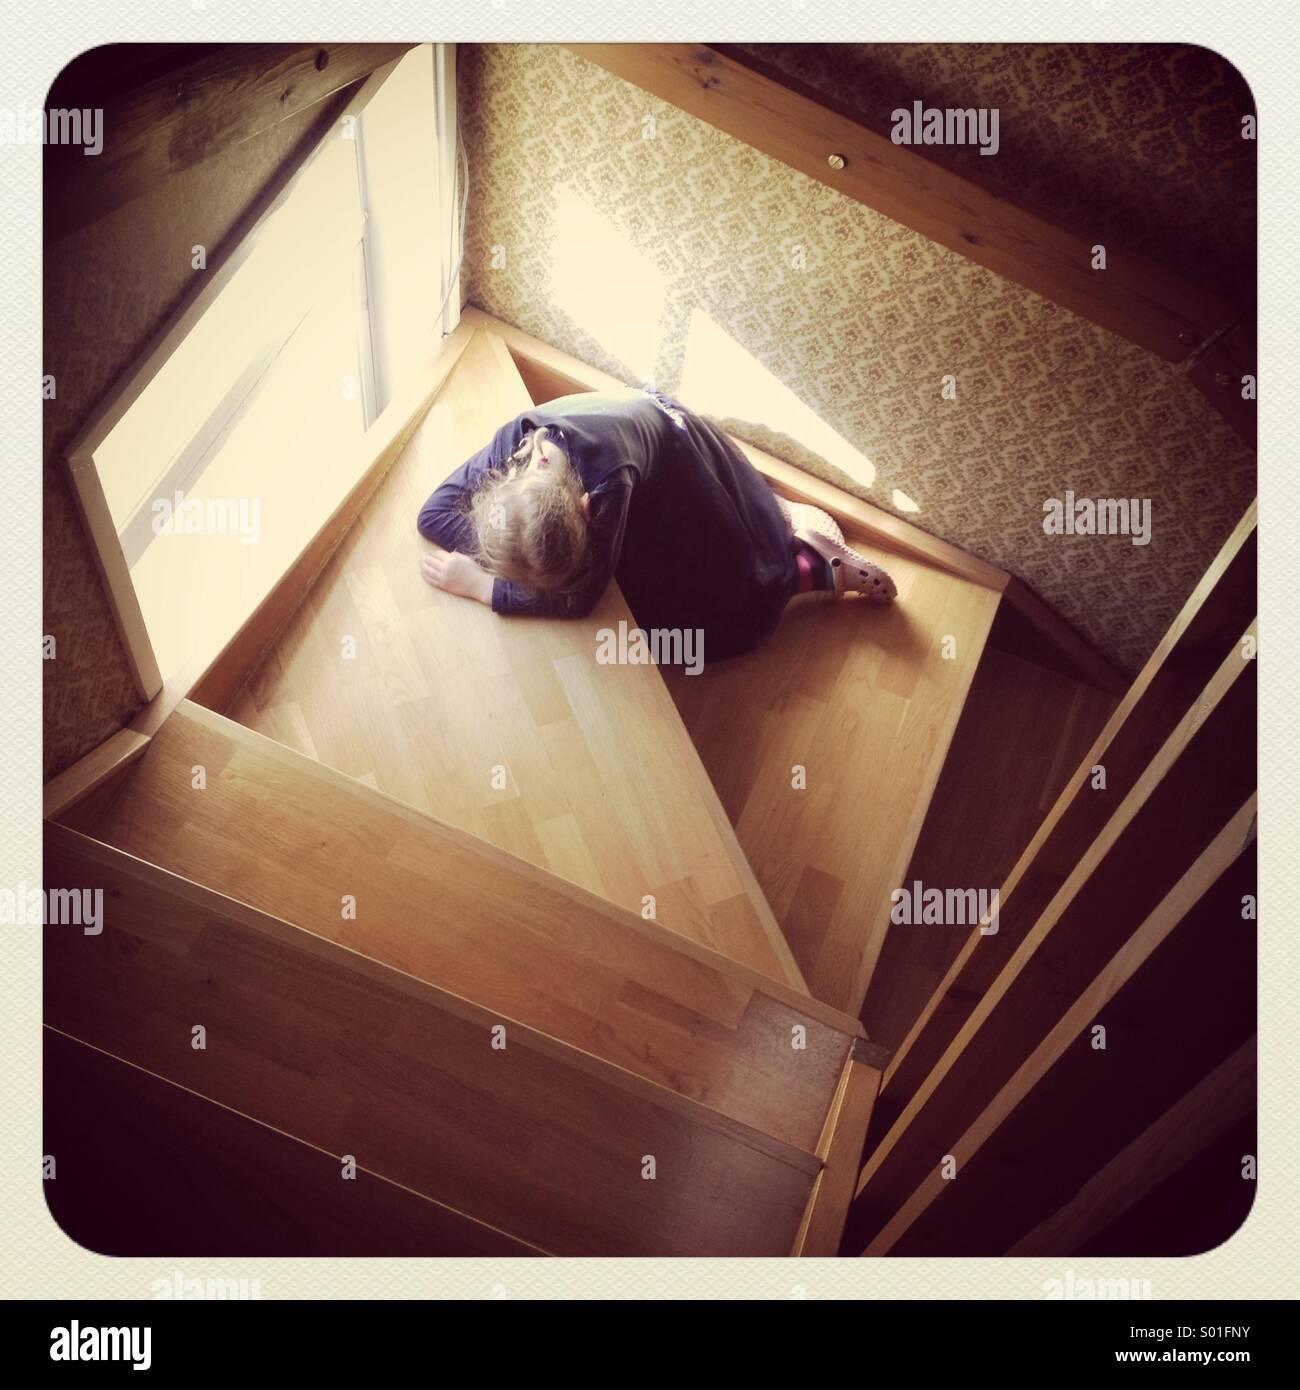 Una giovane ragazza addormentata o ricalcato su qualche vecchio stile scale in legno Immagini Stock